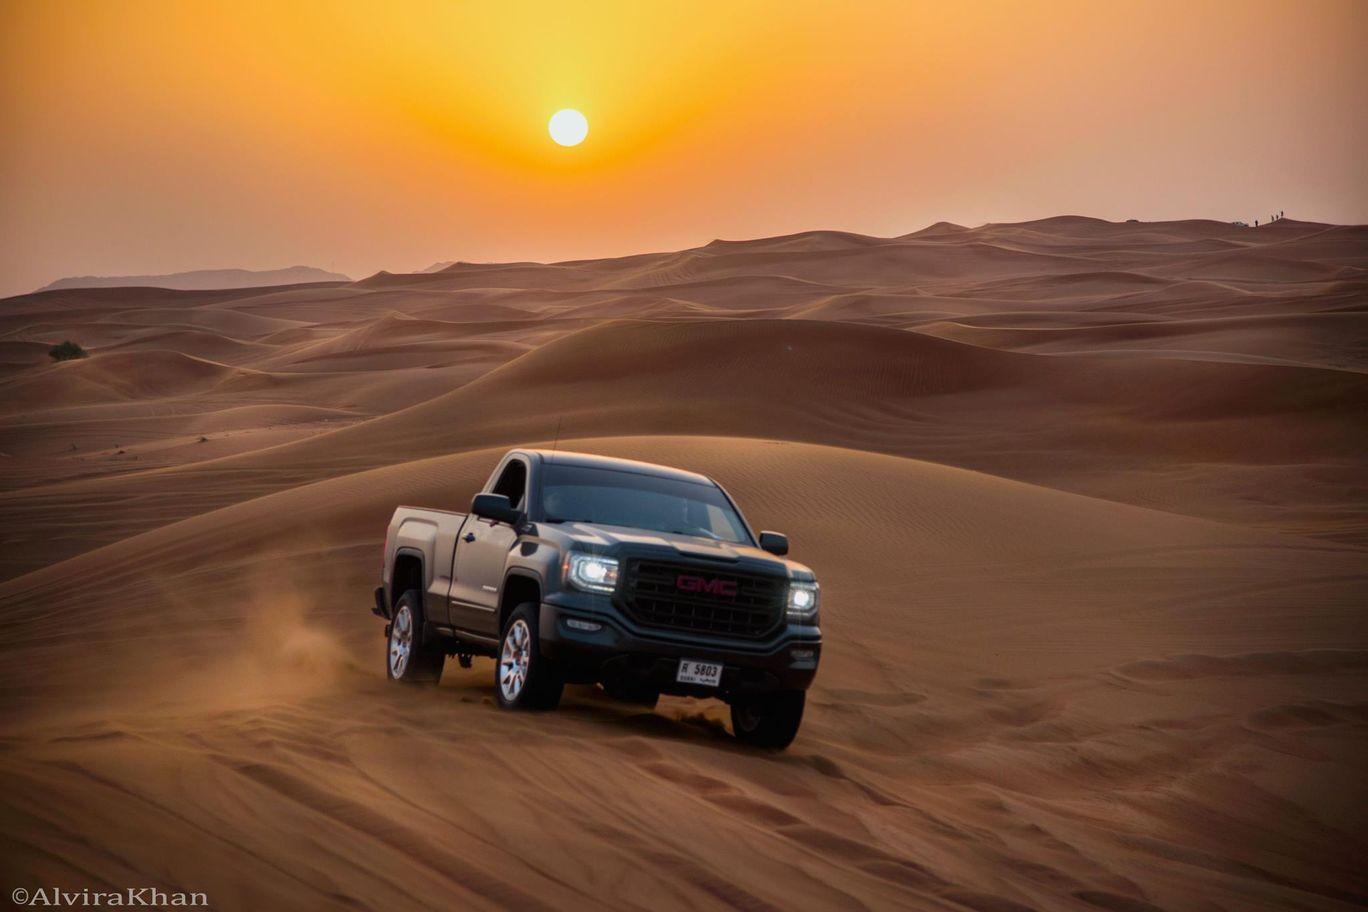 Photo of Abu Dhabi - United Arab Emirates By alvira66